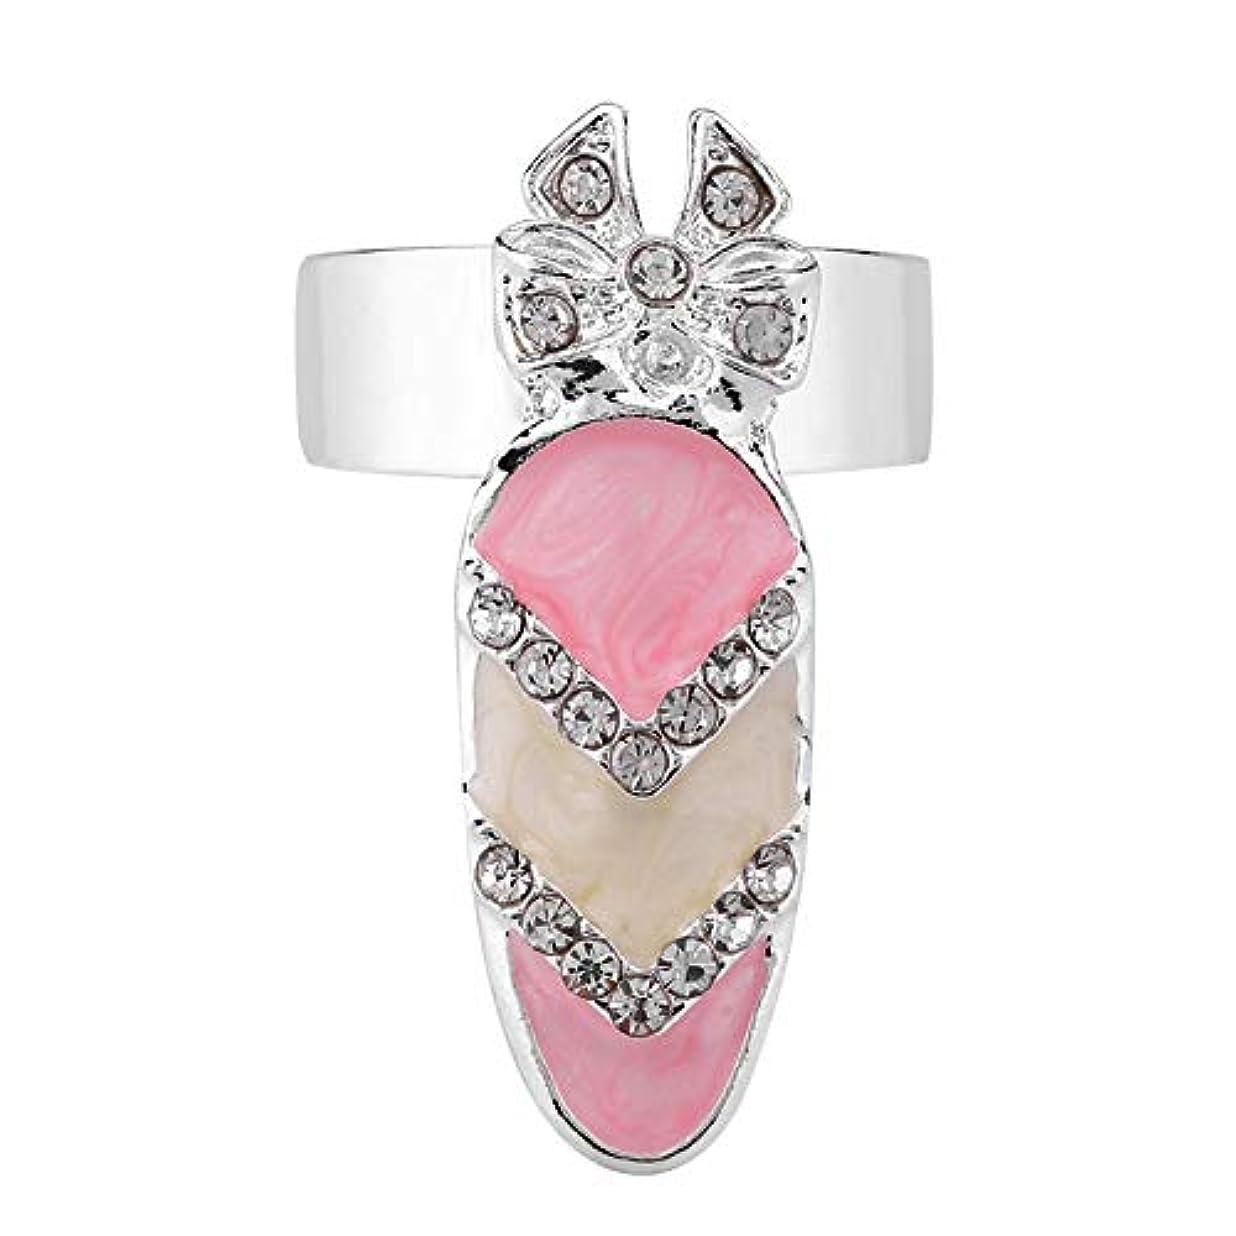 に向かって自伝ポルティコSemmeちょう結びのナックルの釘のリング、指の釘の指輪6種類のちょう結びの水晶指の釘の芸術のリングの女性の贅沢な指の釘のリングの方法ちょう結びの釘の釘のリングの装飾(5#)